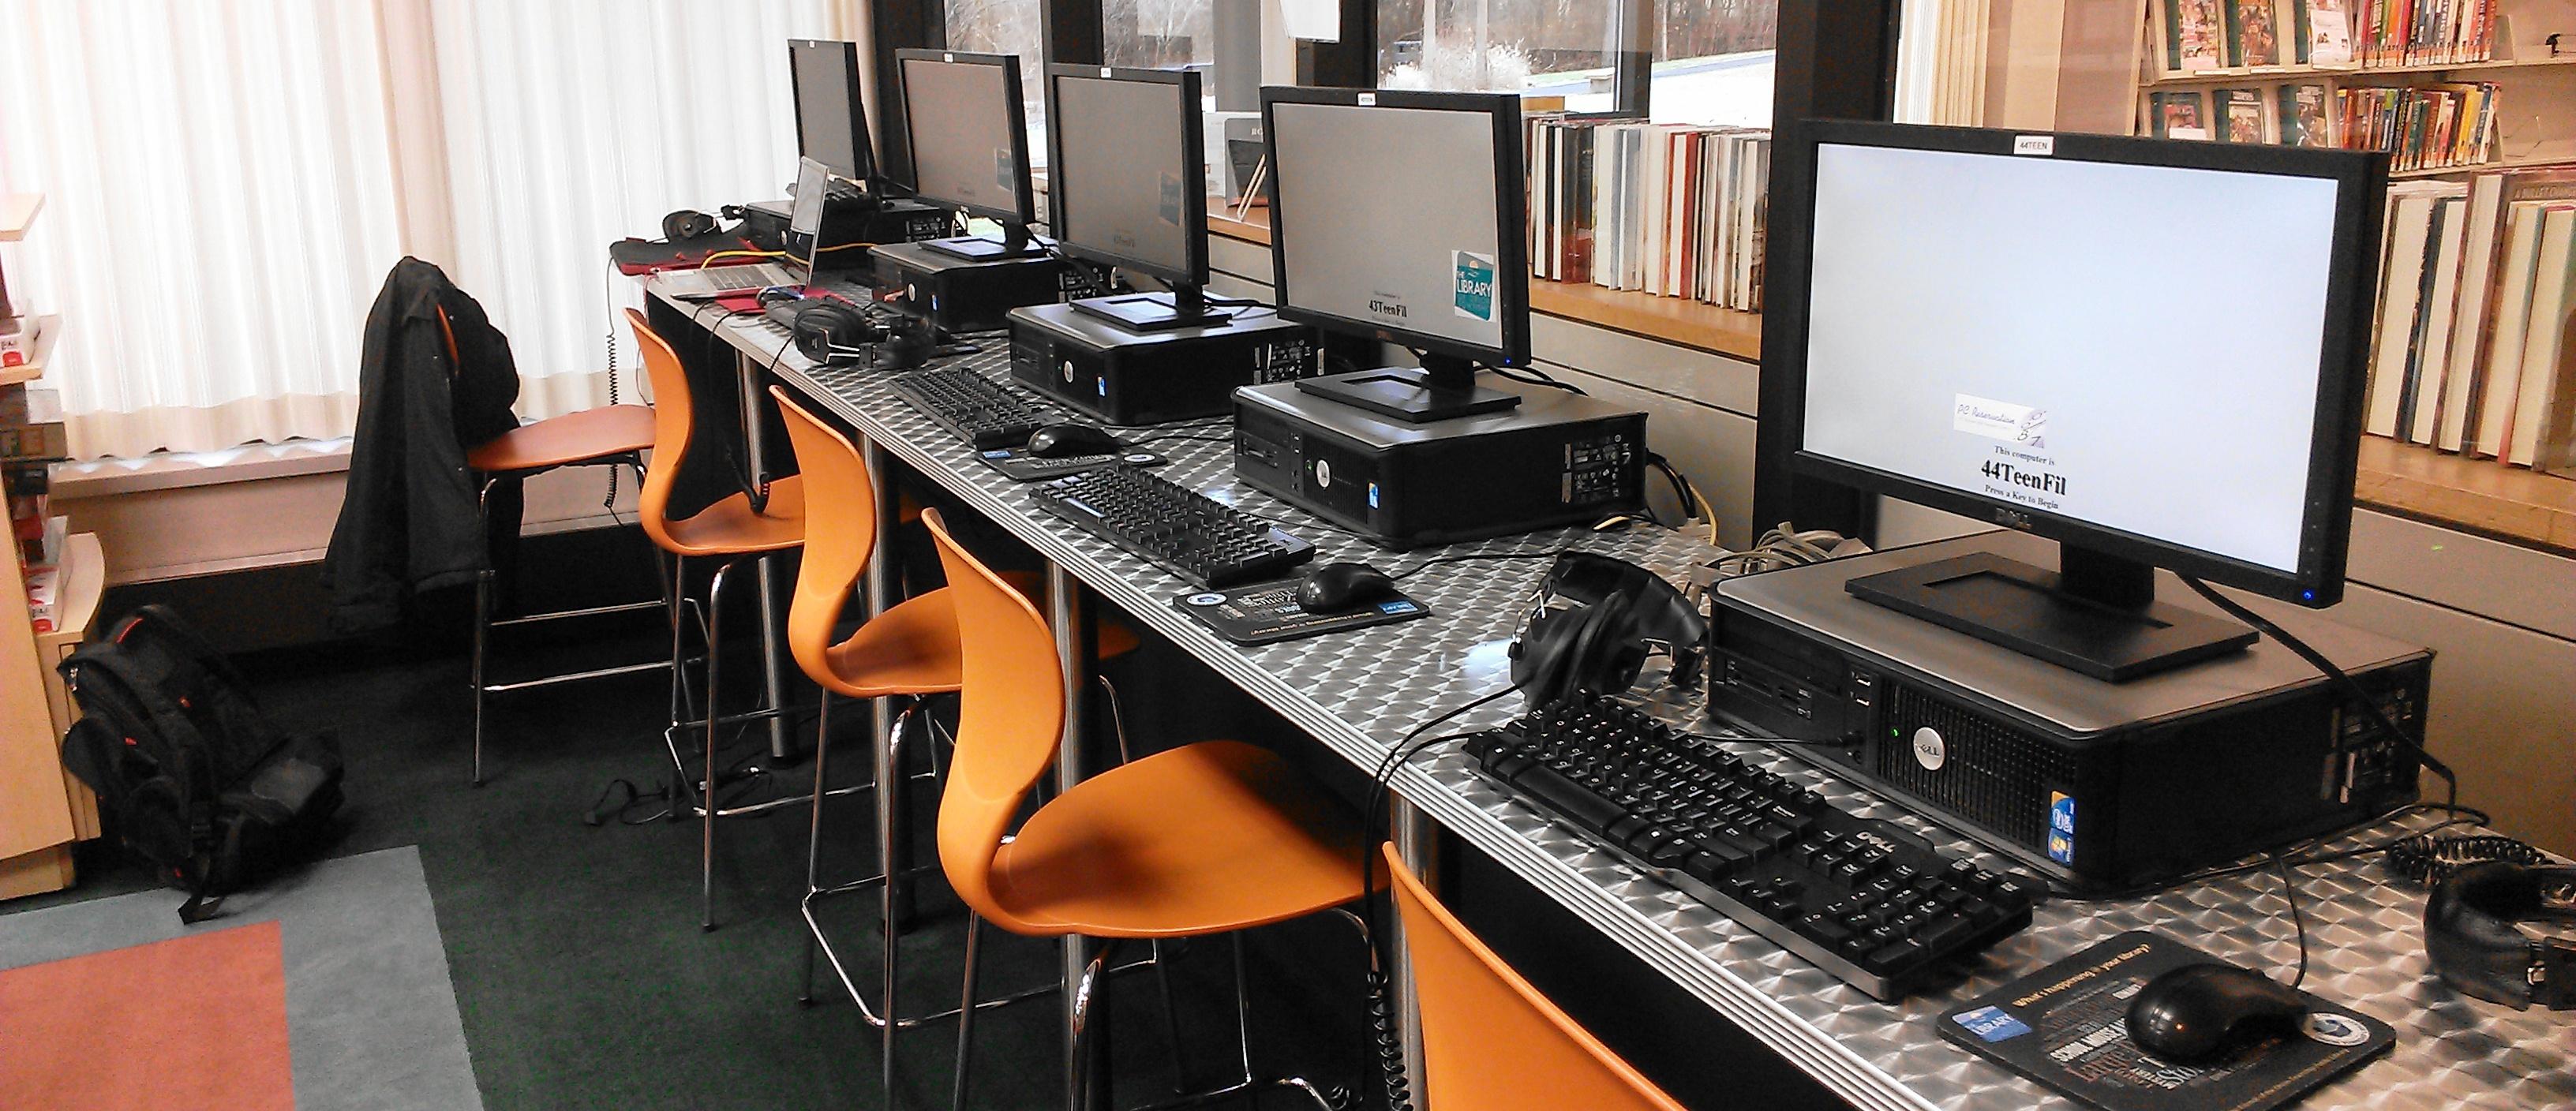 Teen Computers